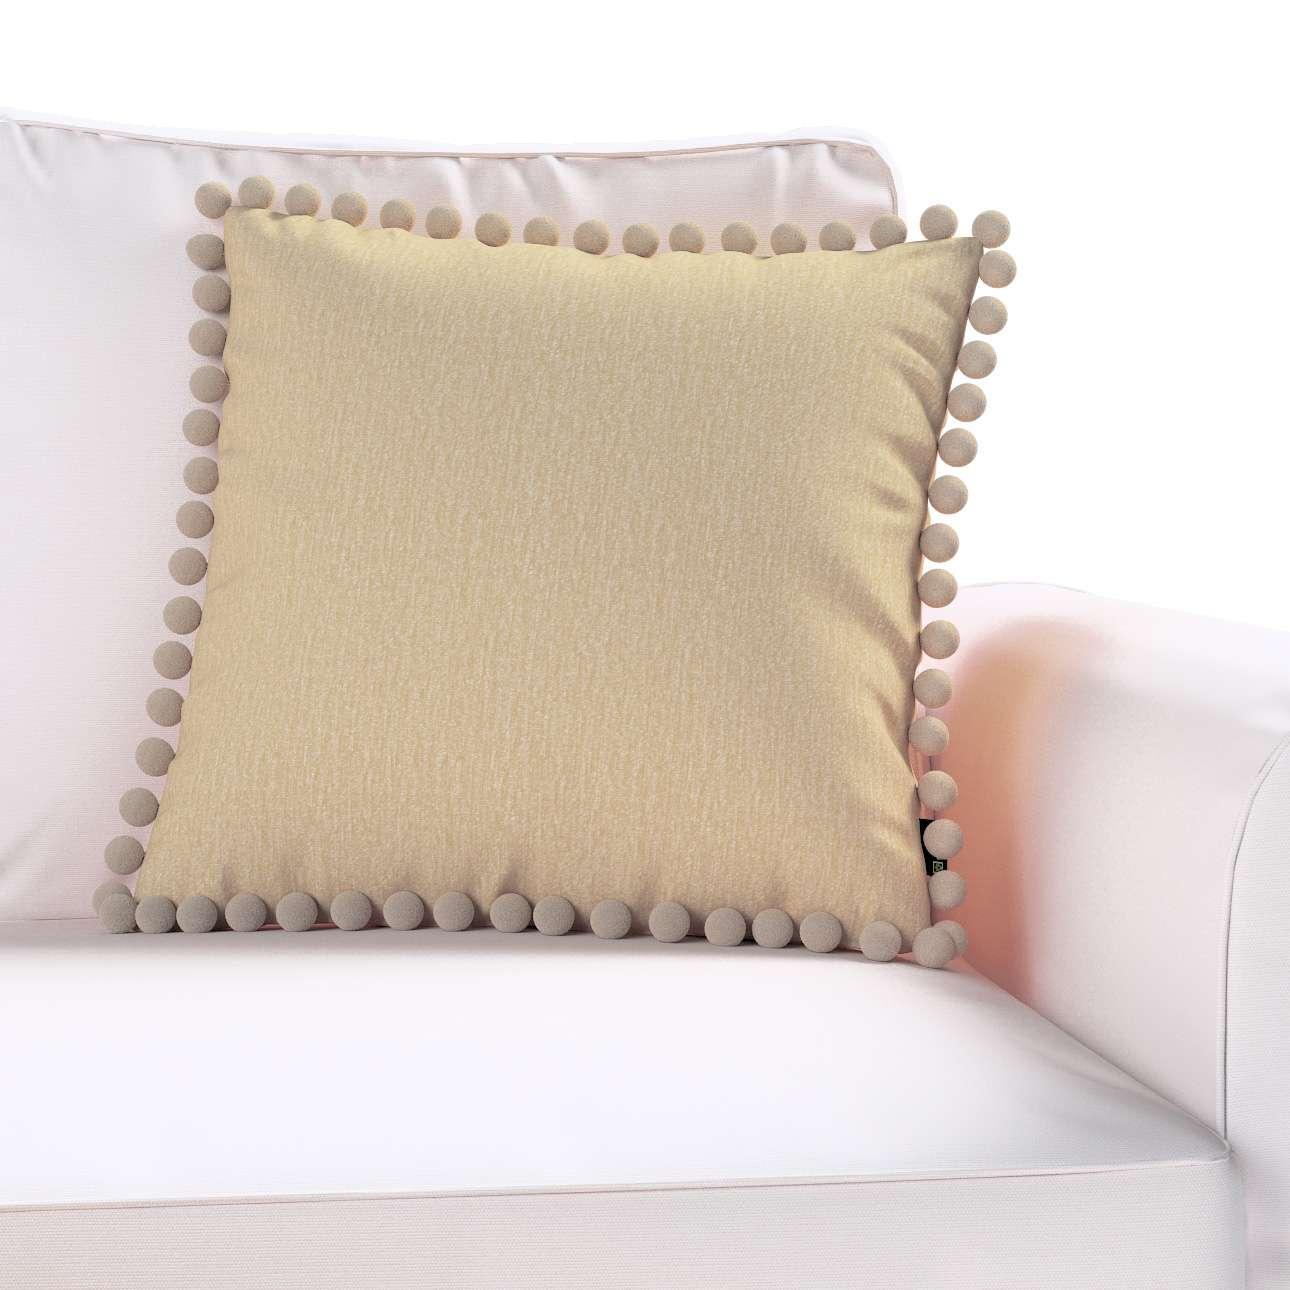 Wera dekoratyvinės pagalvėlės užvalkalas su žaismingais kraštais kolekcijoje Chenille, audinys: 702-22